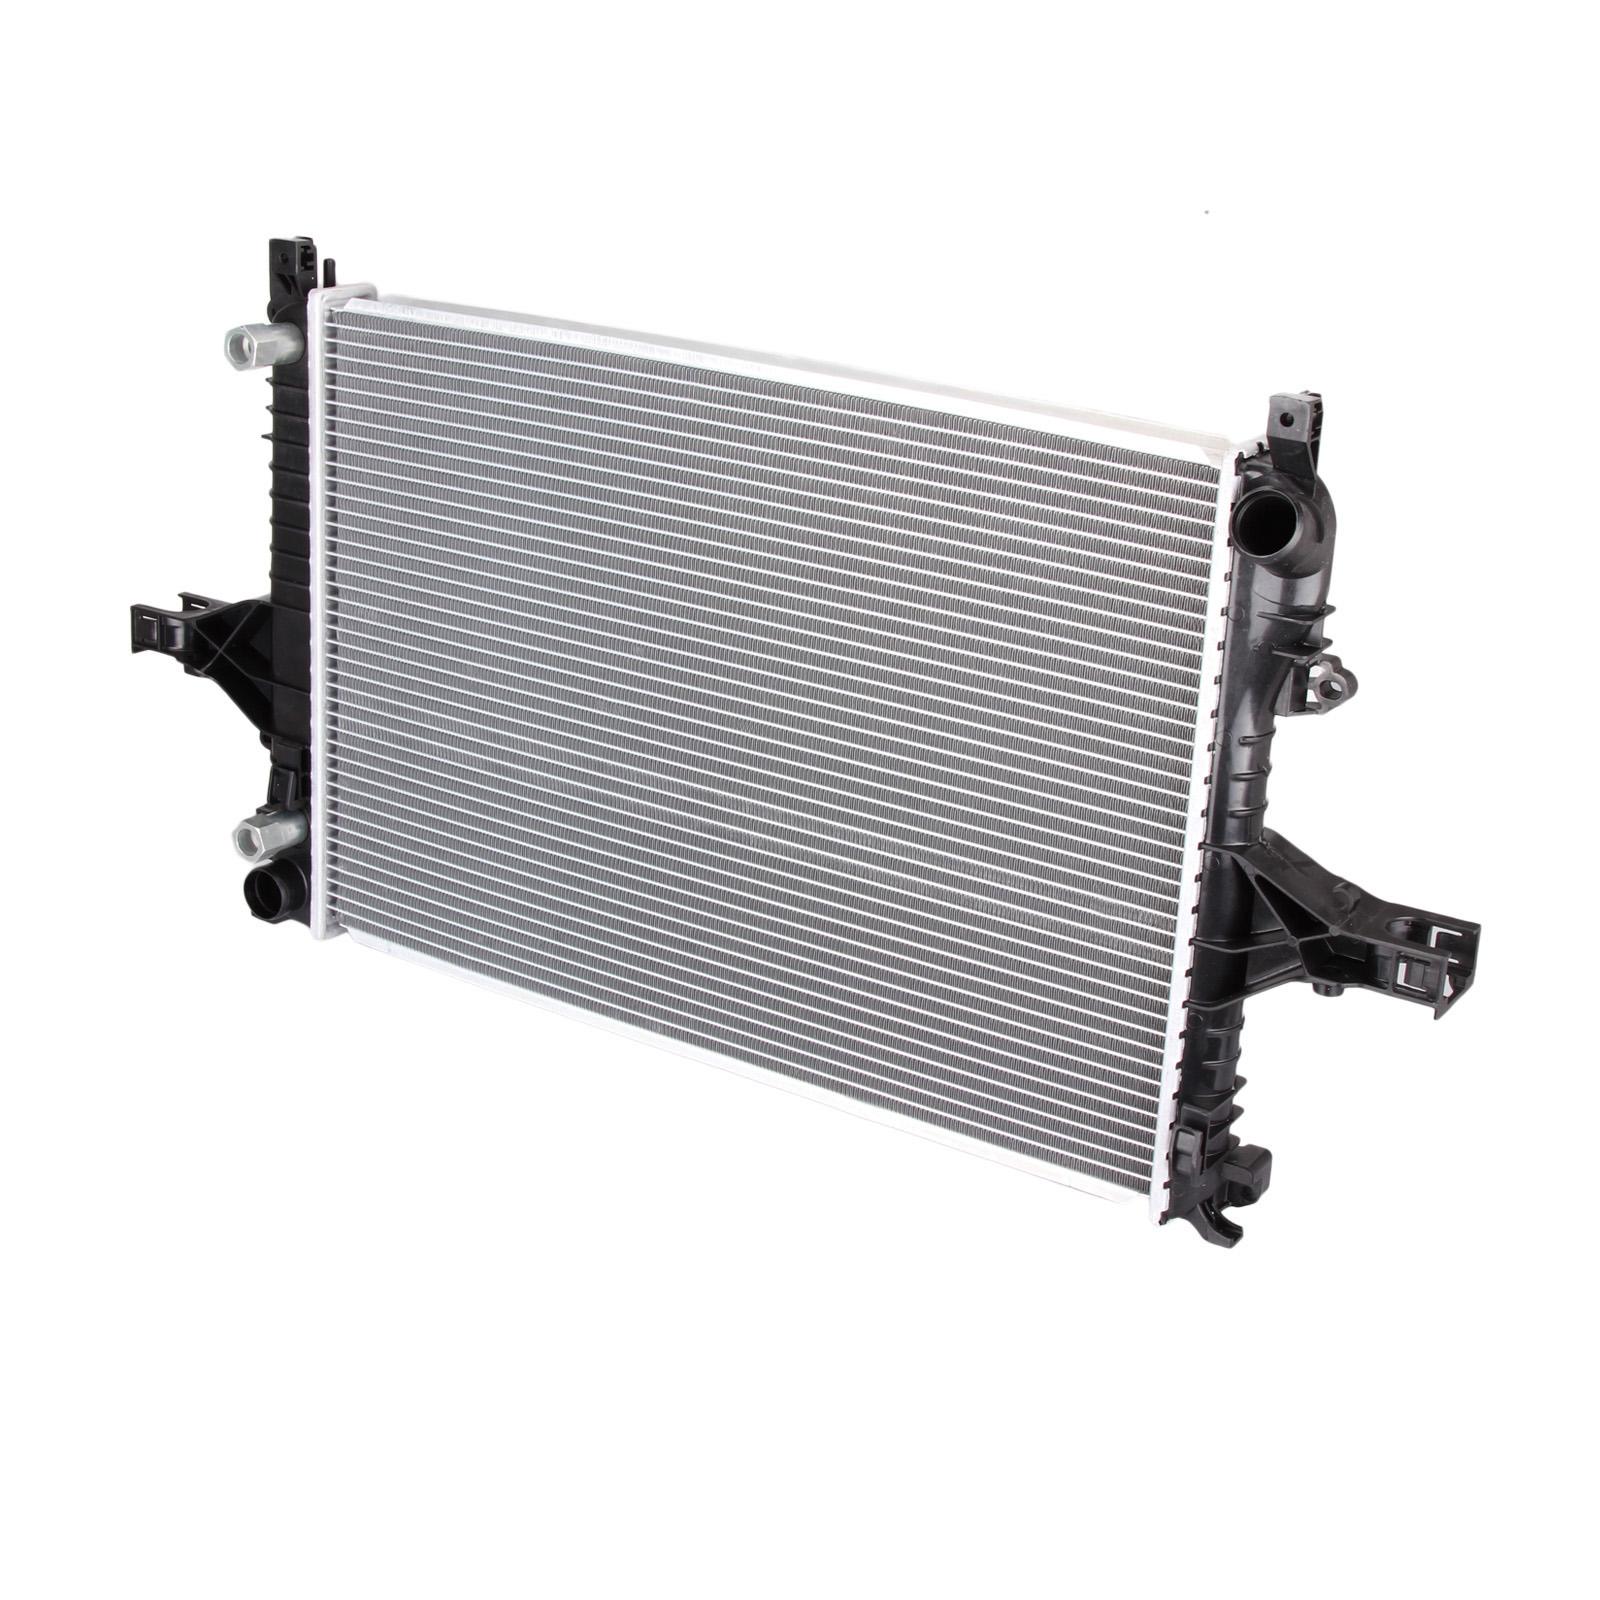 Radiator Volvo S60 S70 V70 S80 XC70 2.0 2.3 2.4 2.5 2.8 2.9 Check Detail Down